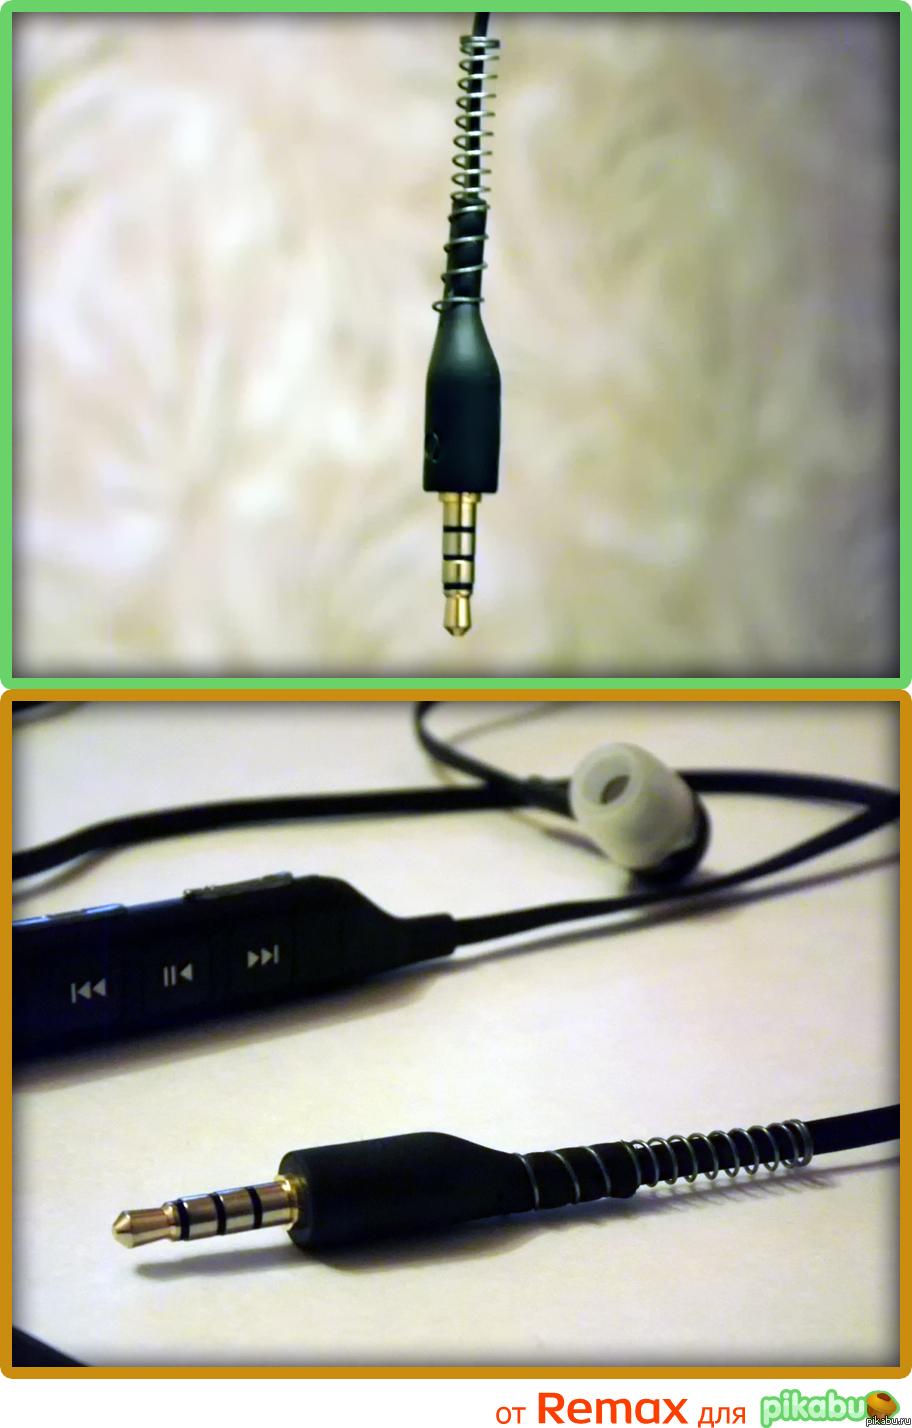 Как сделать чтоб работали наушники с микрофоном